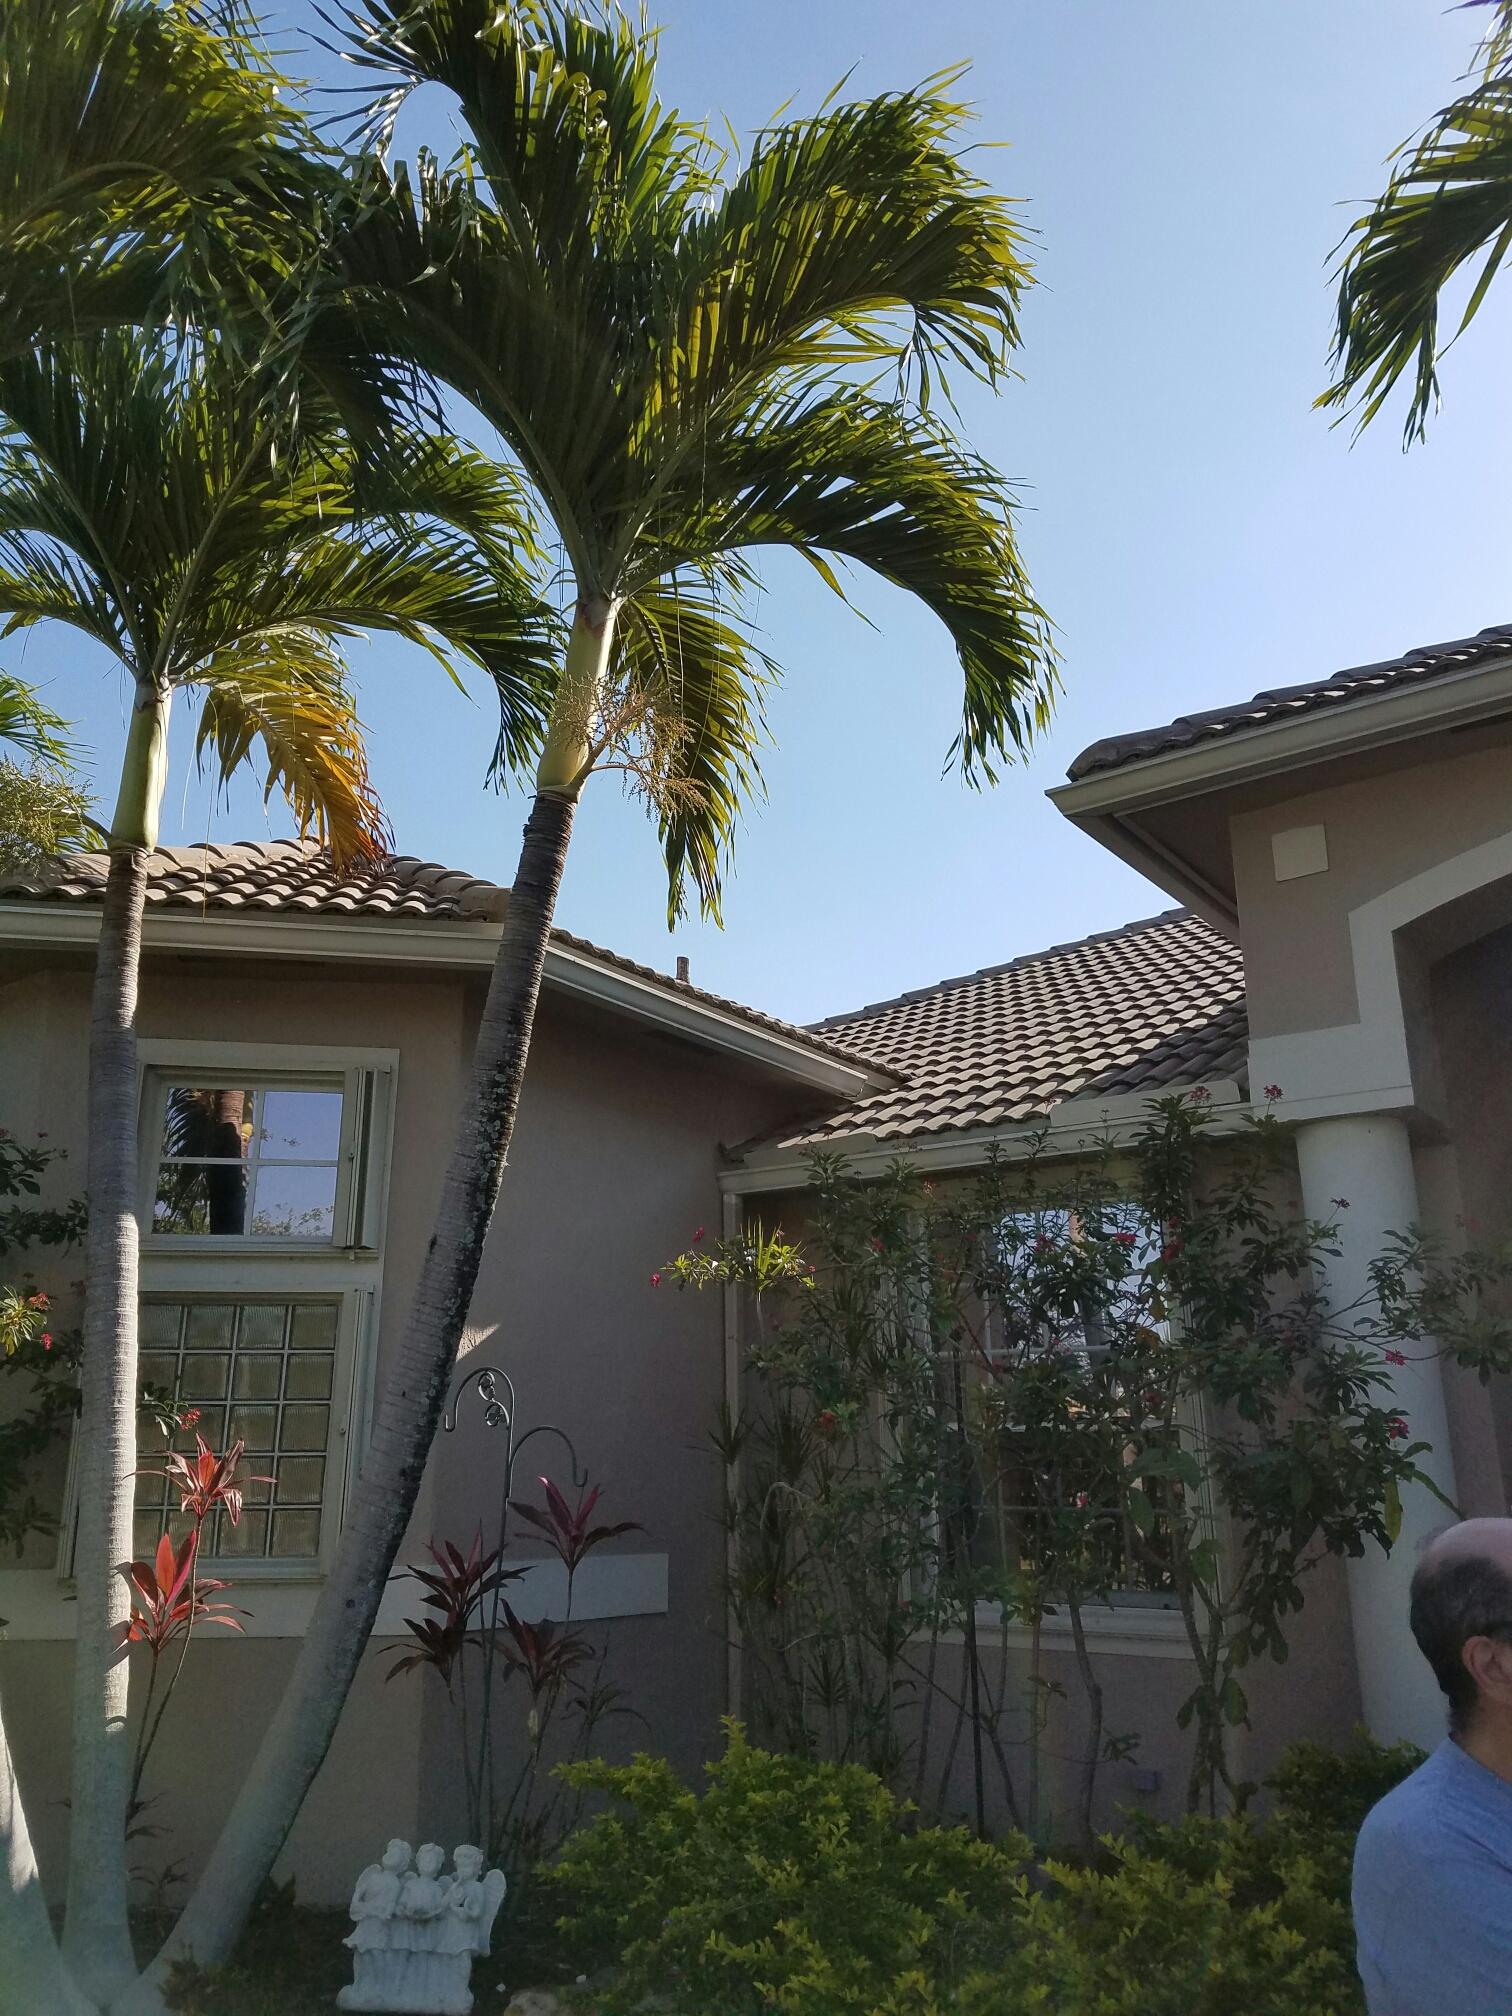 Coral Springs, FL - Tile repair estimate at Coral Springs